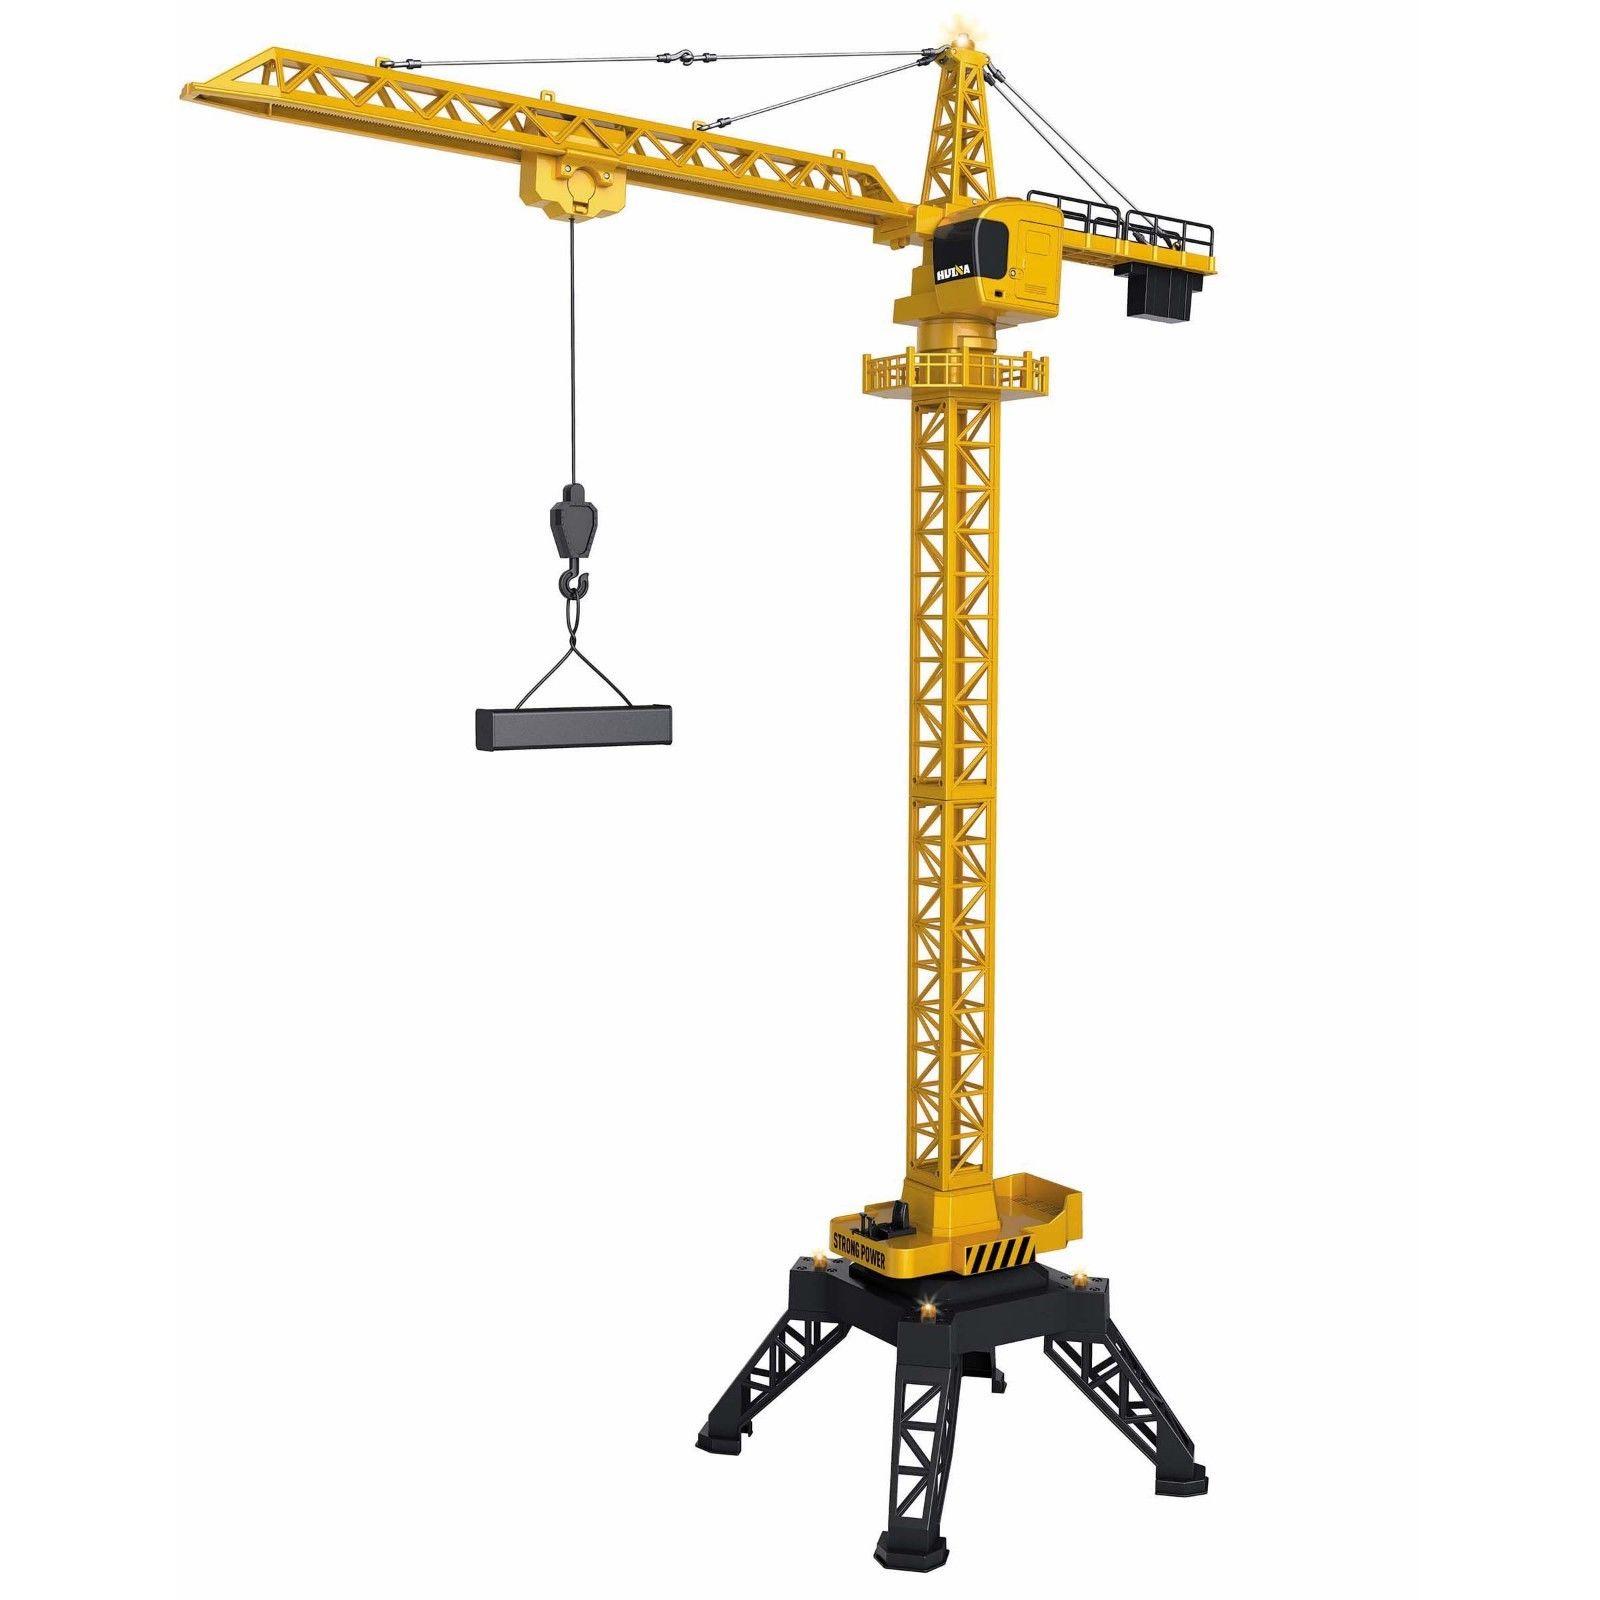 Transmitter&Receiver Hoist Crane Radio Industrial Wireless ... |Radio Controlled Cranes